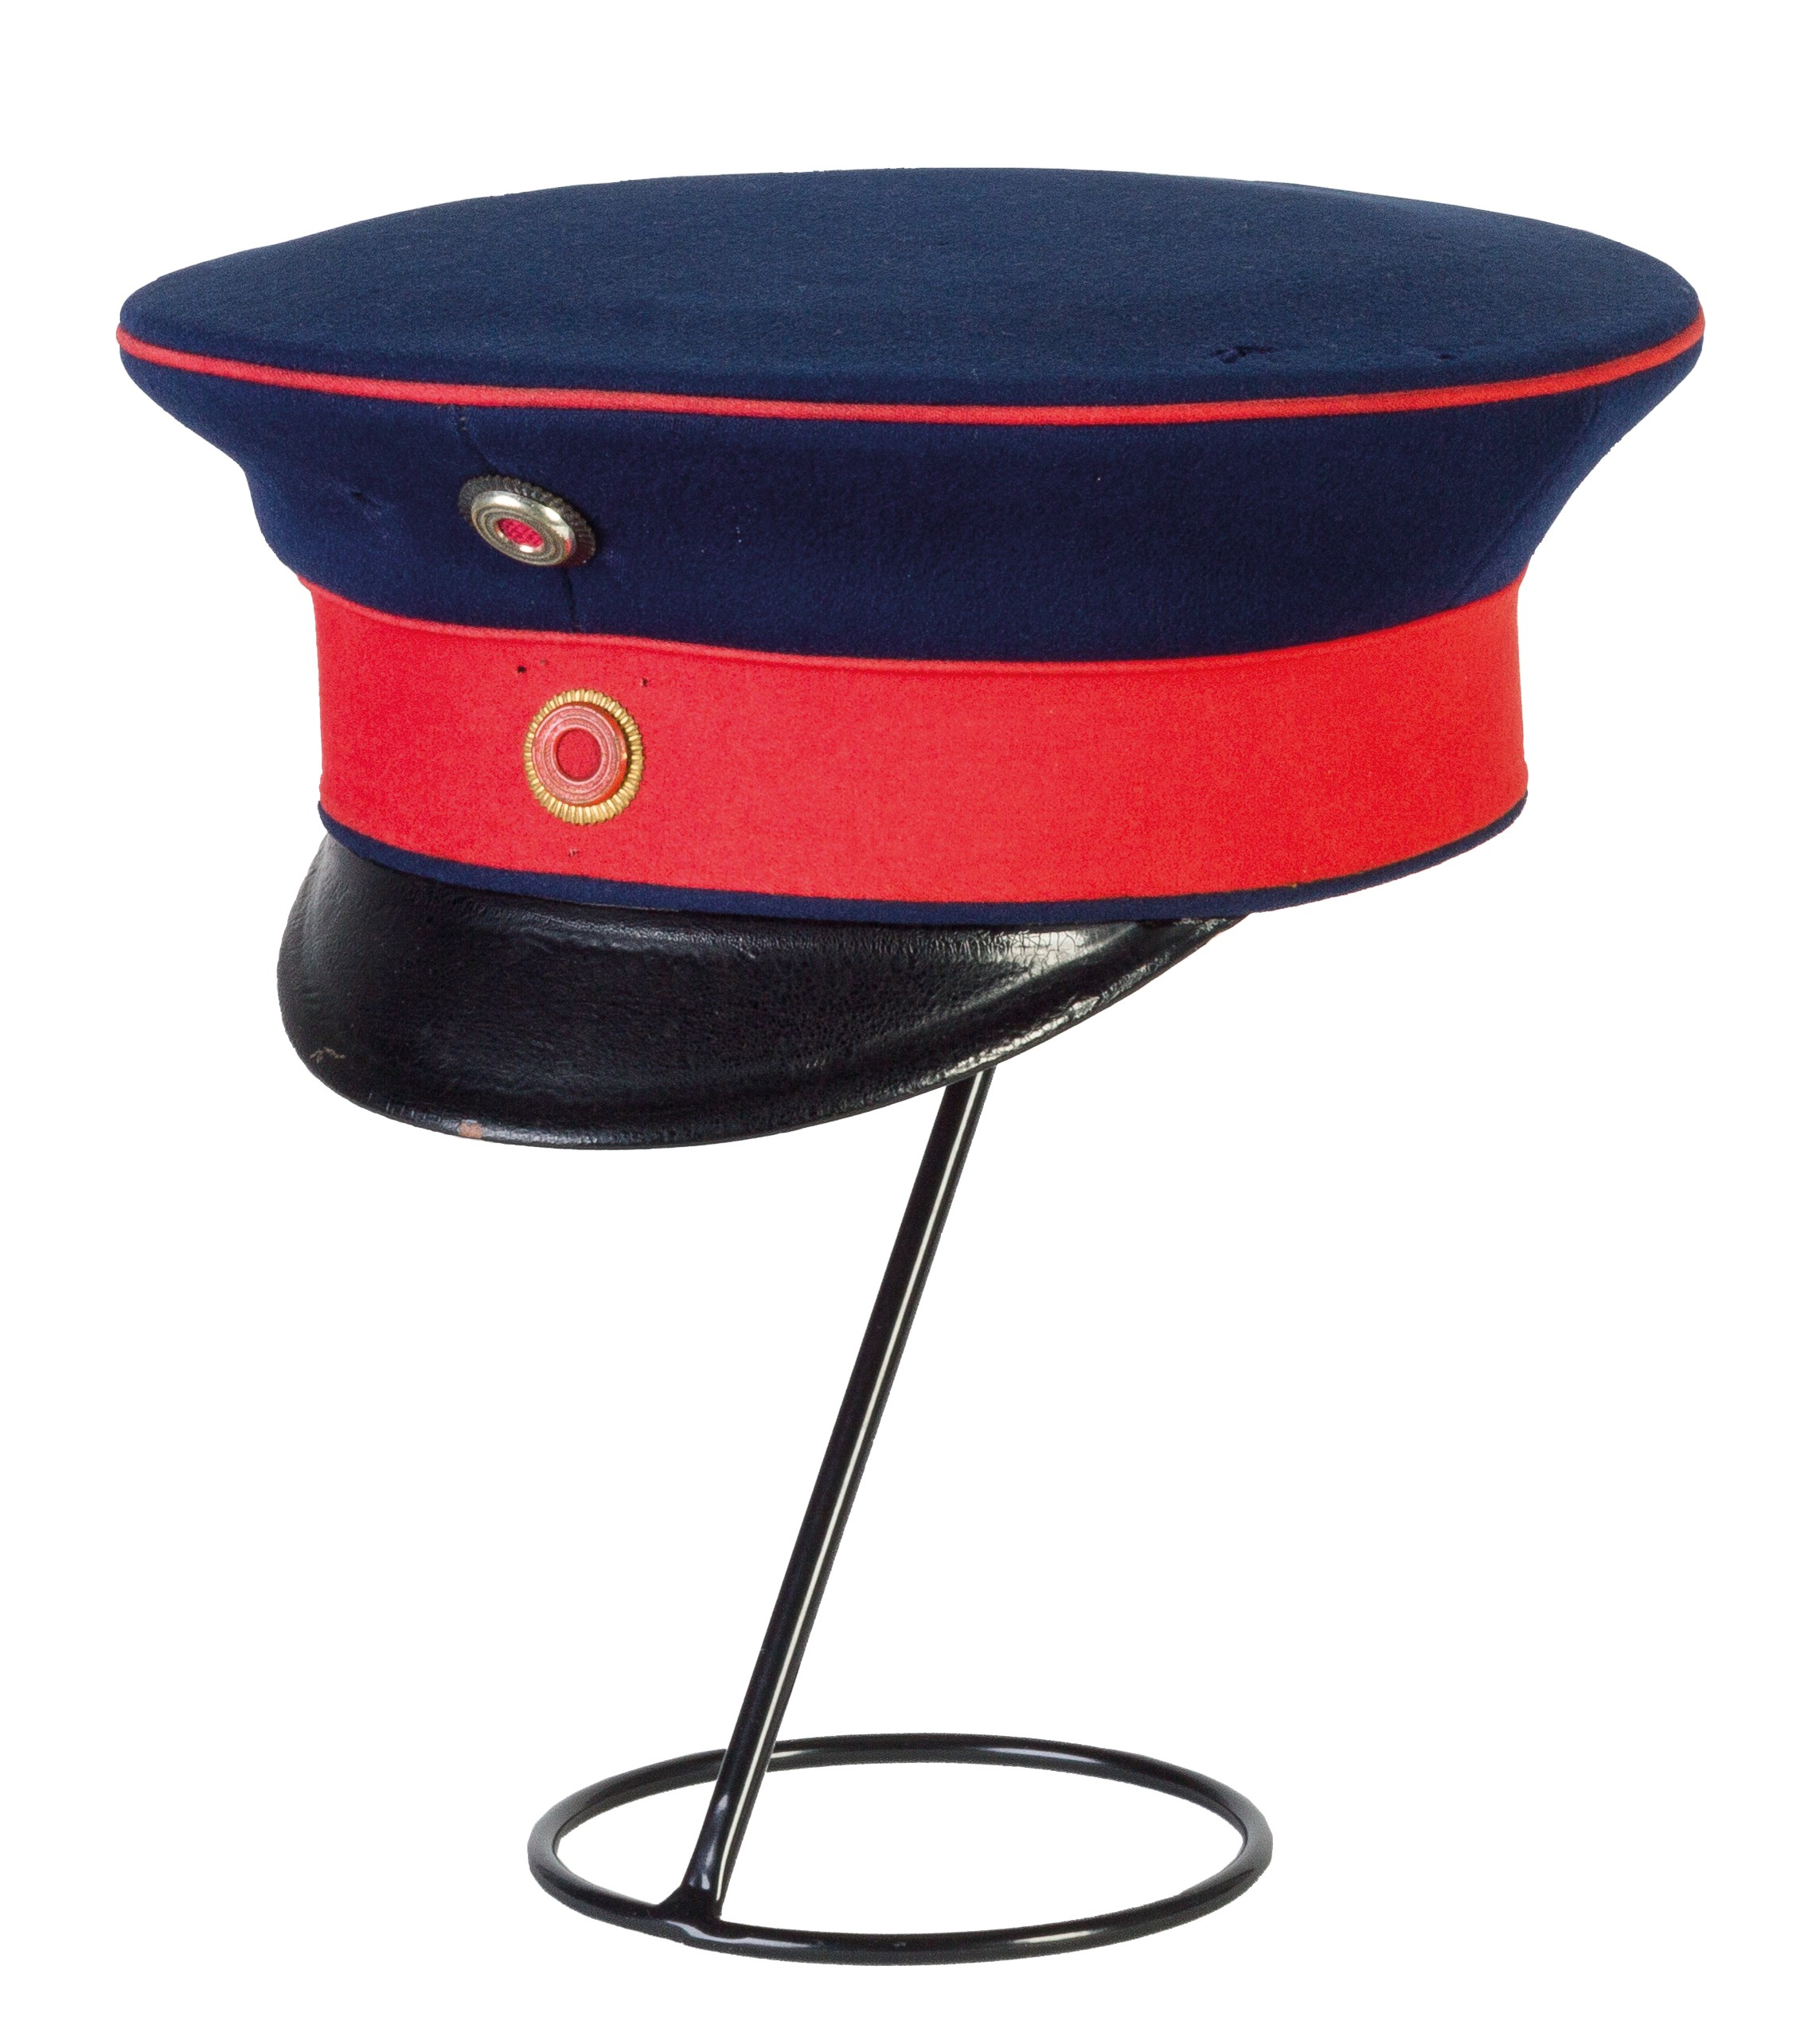 neue Kollektion uk billig verkaufen sehr bekannt Uniform | md:term